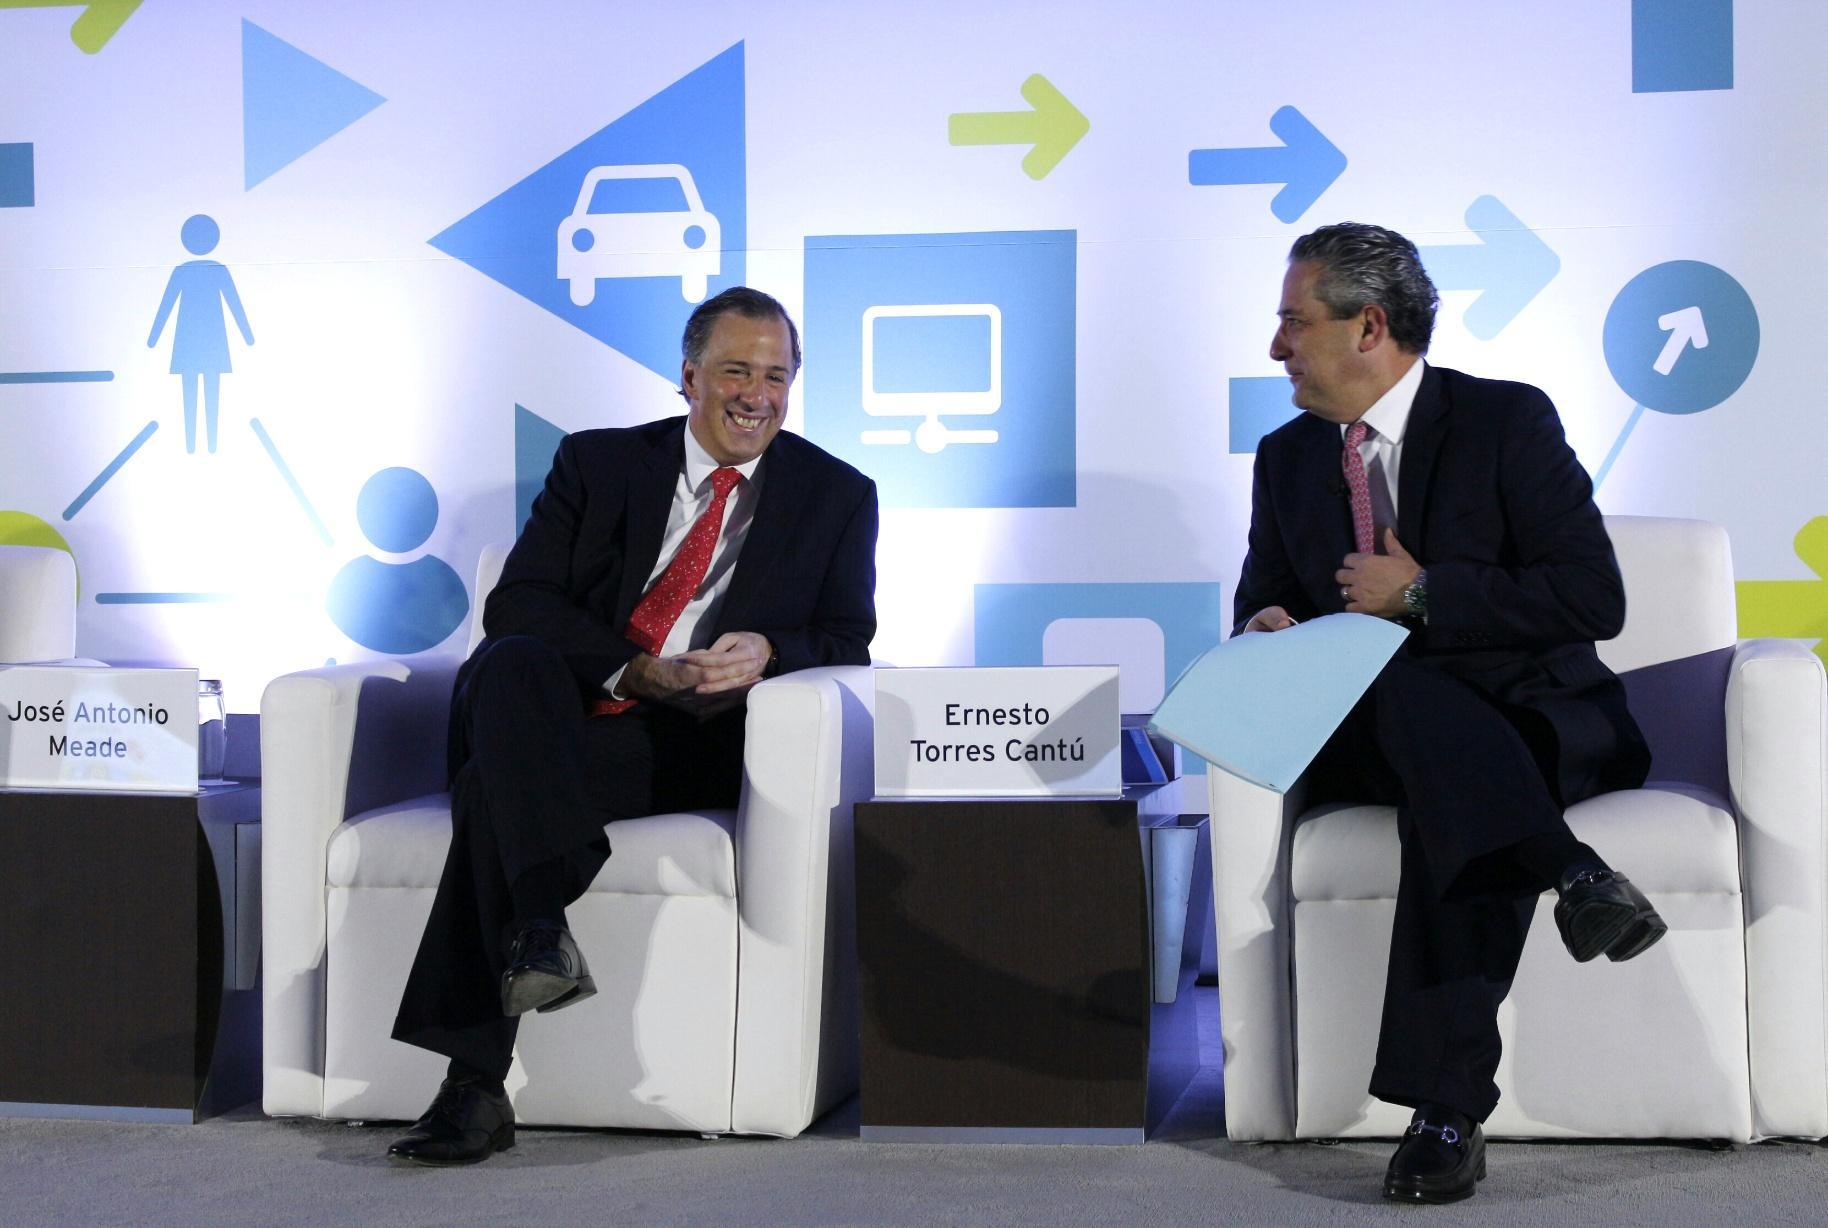 FOTO 1 Secretario Jos  Antonio Meade Kuribre a durante el S ptimo Encuentro de Educaci n Financiera.jpg